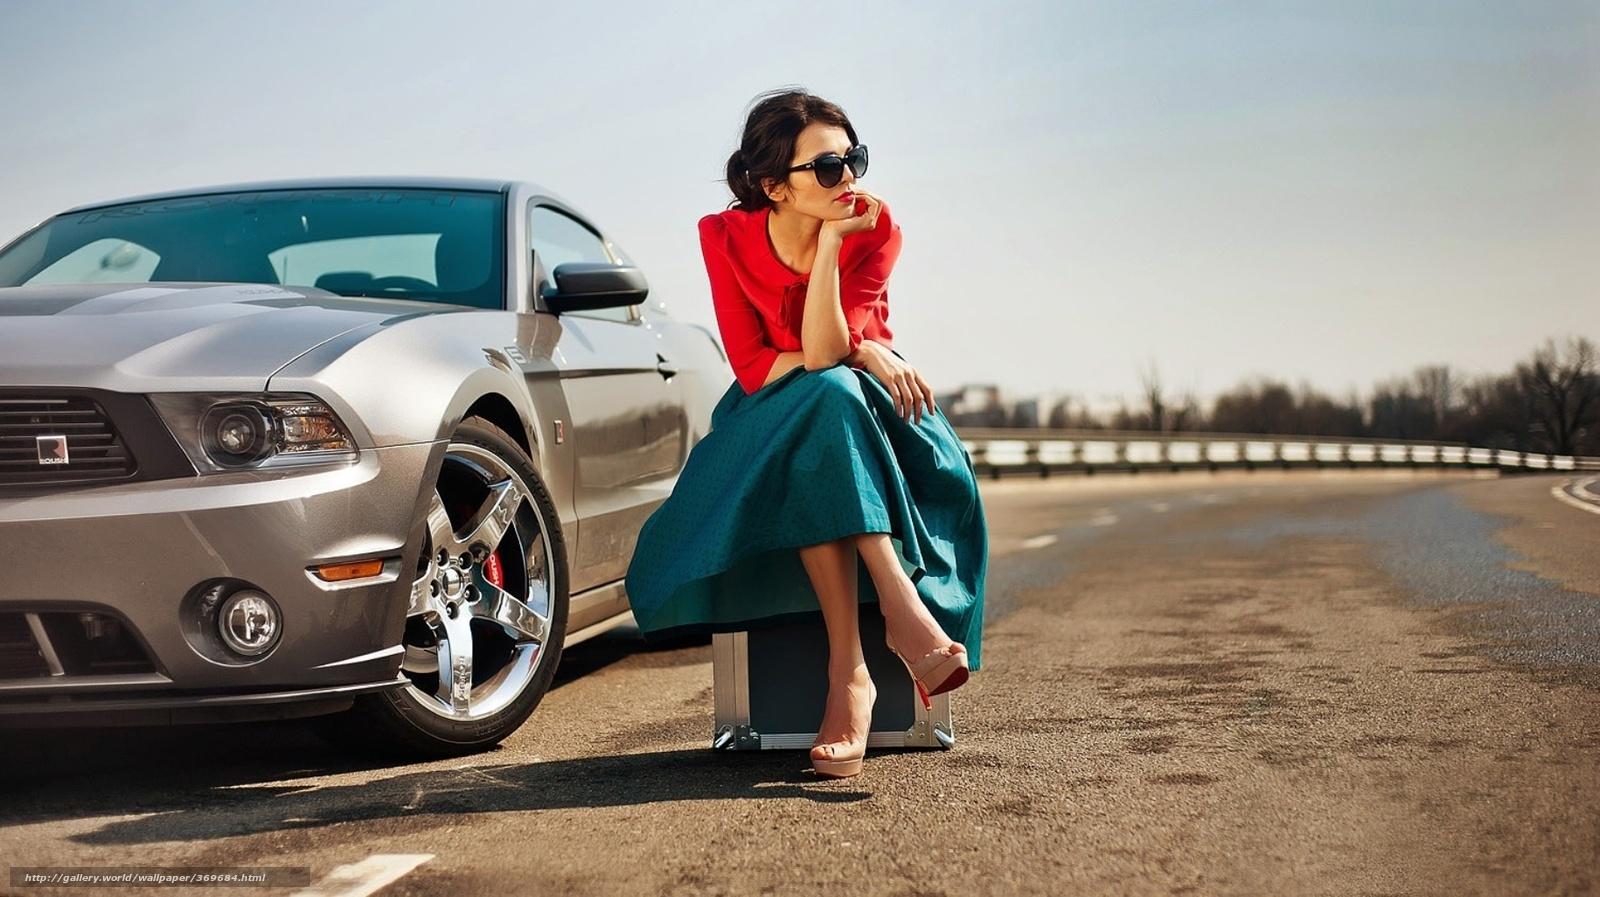 Девушка на трассе фото с машиной